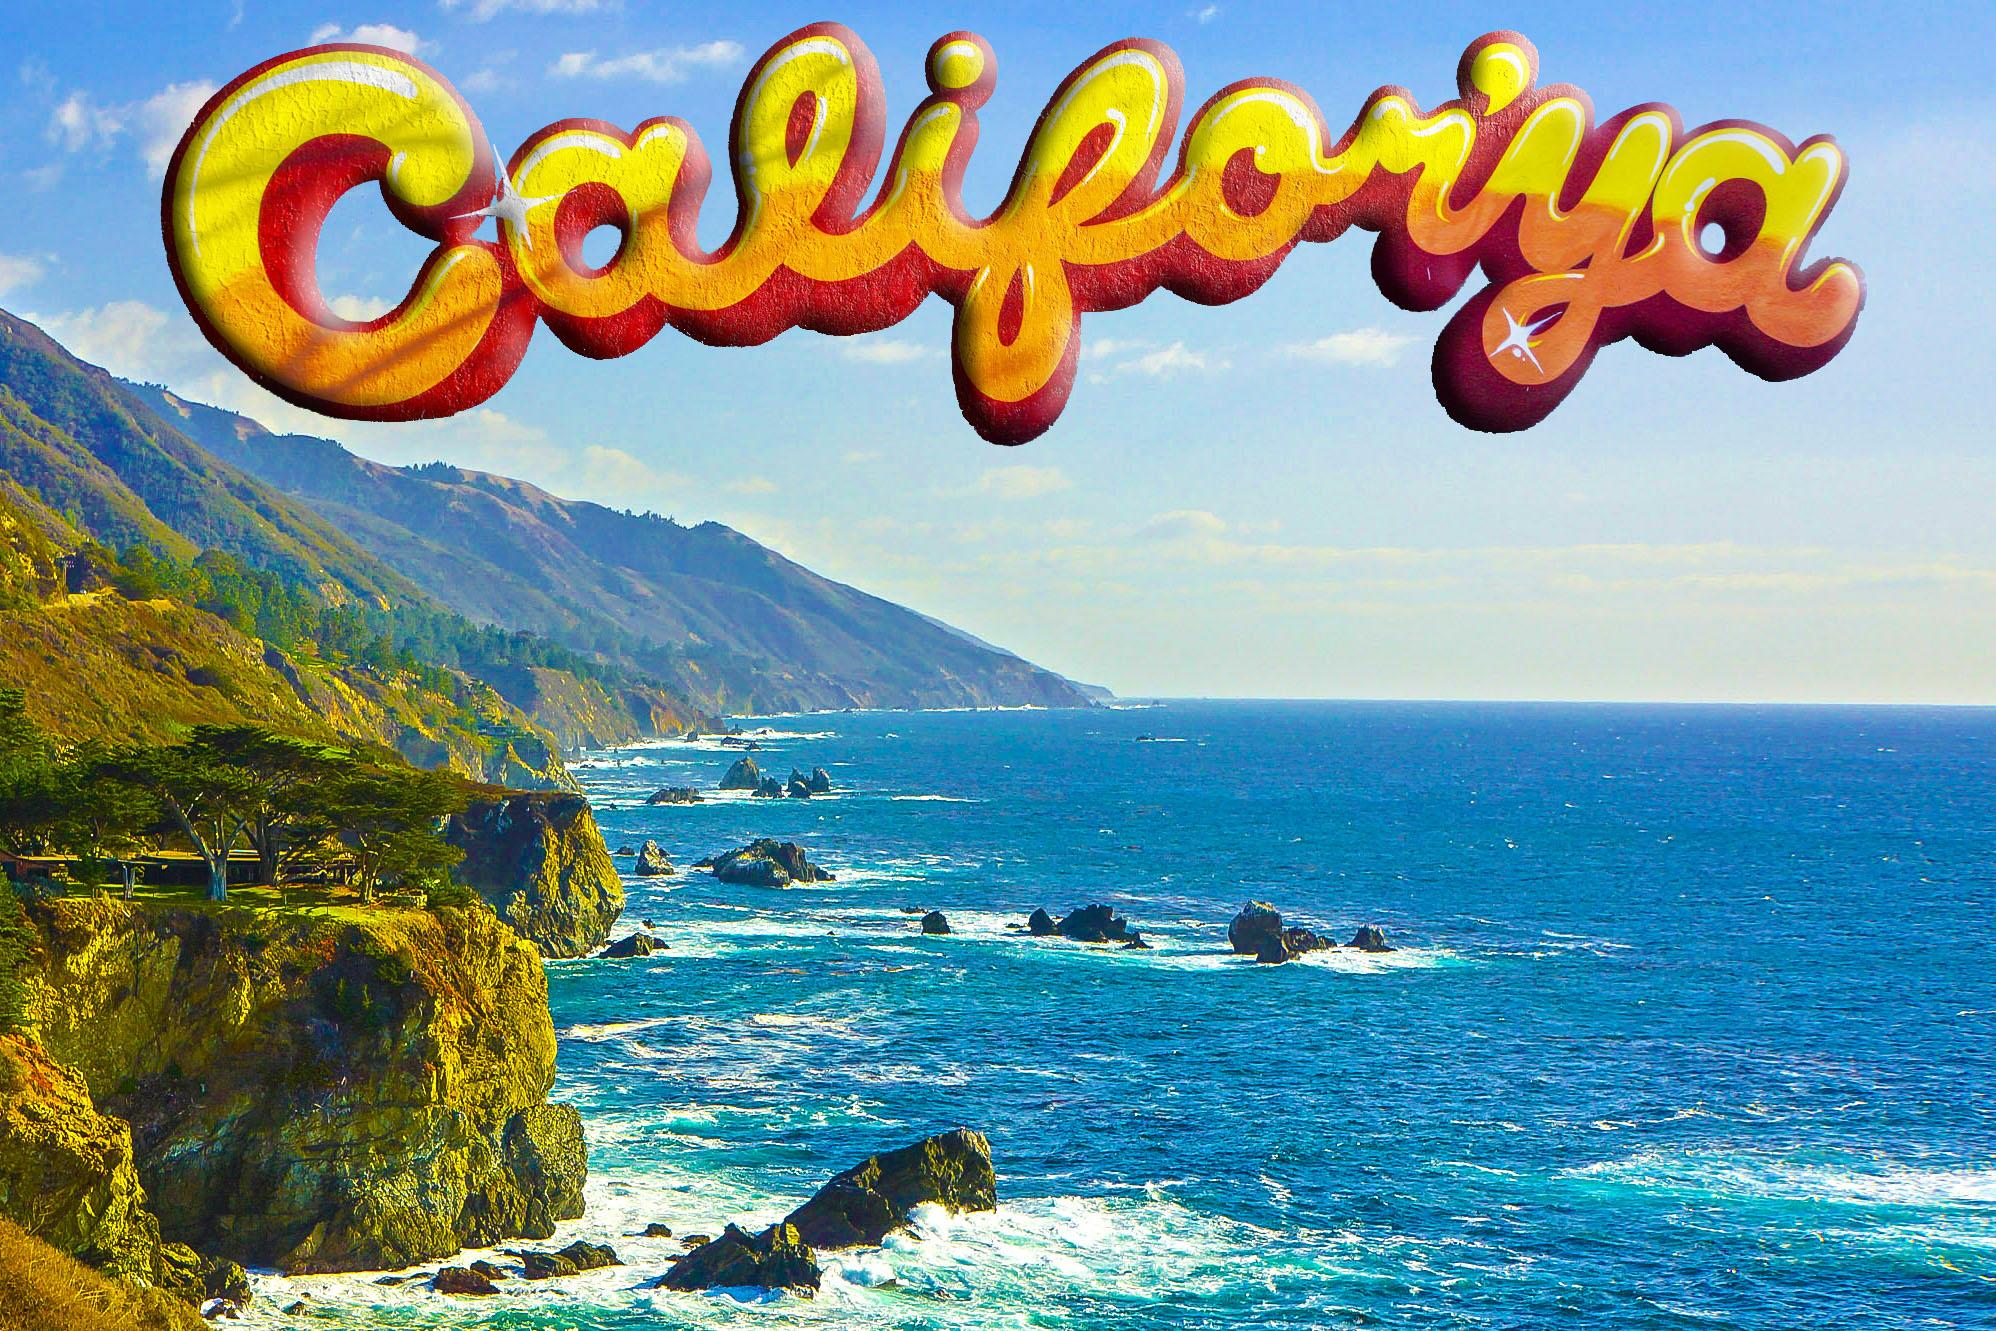 Californya